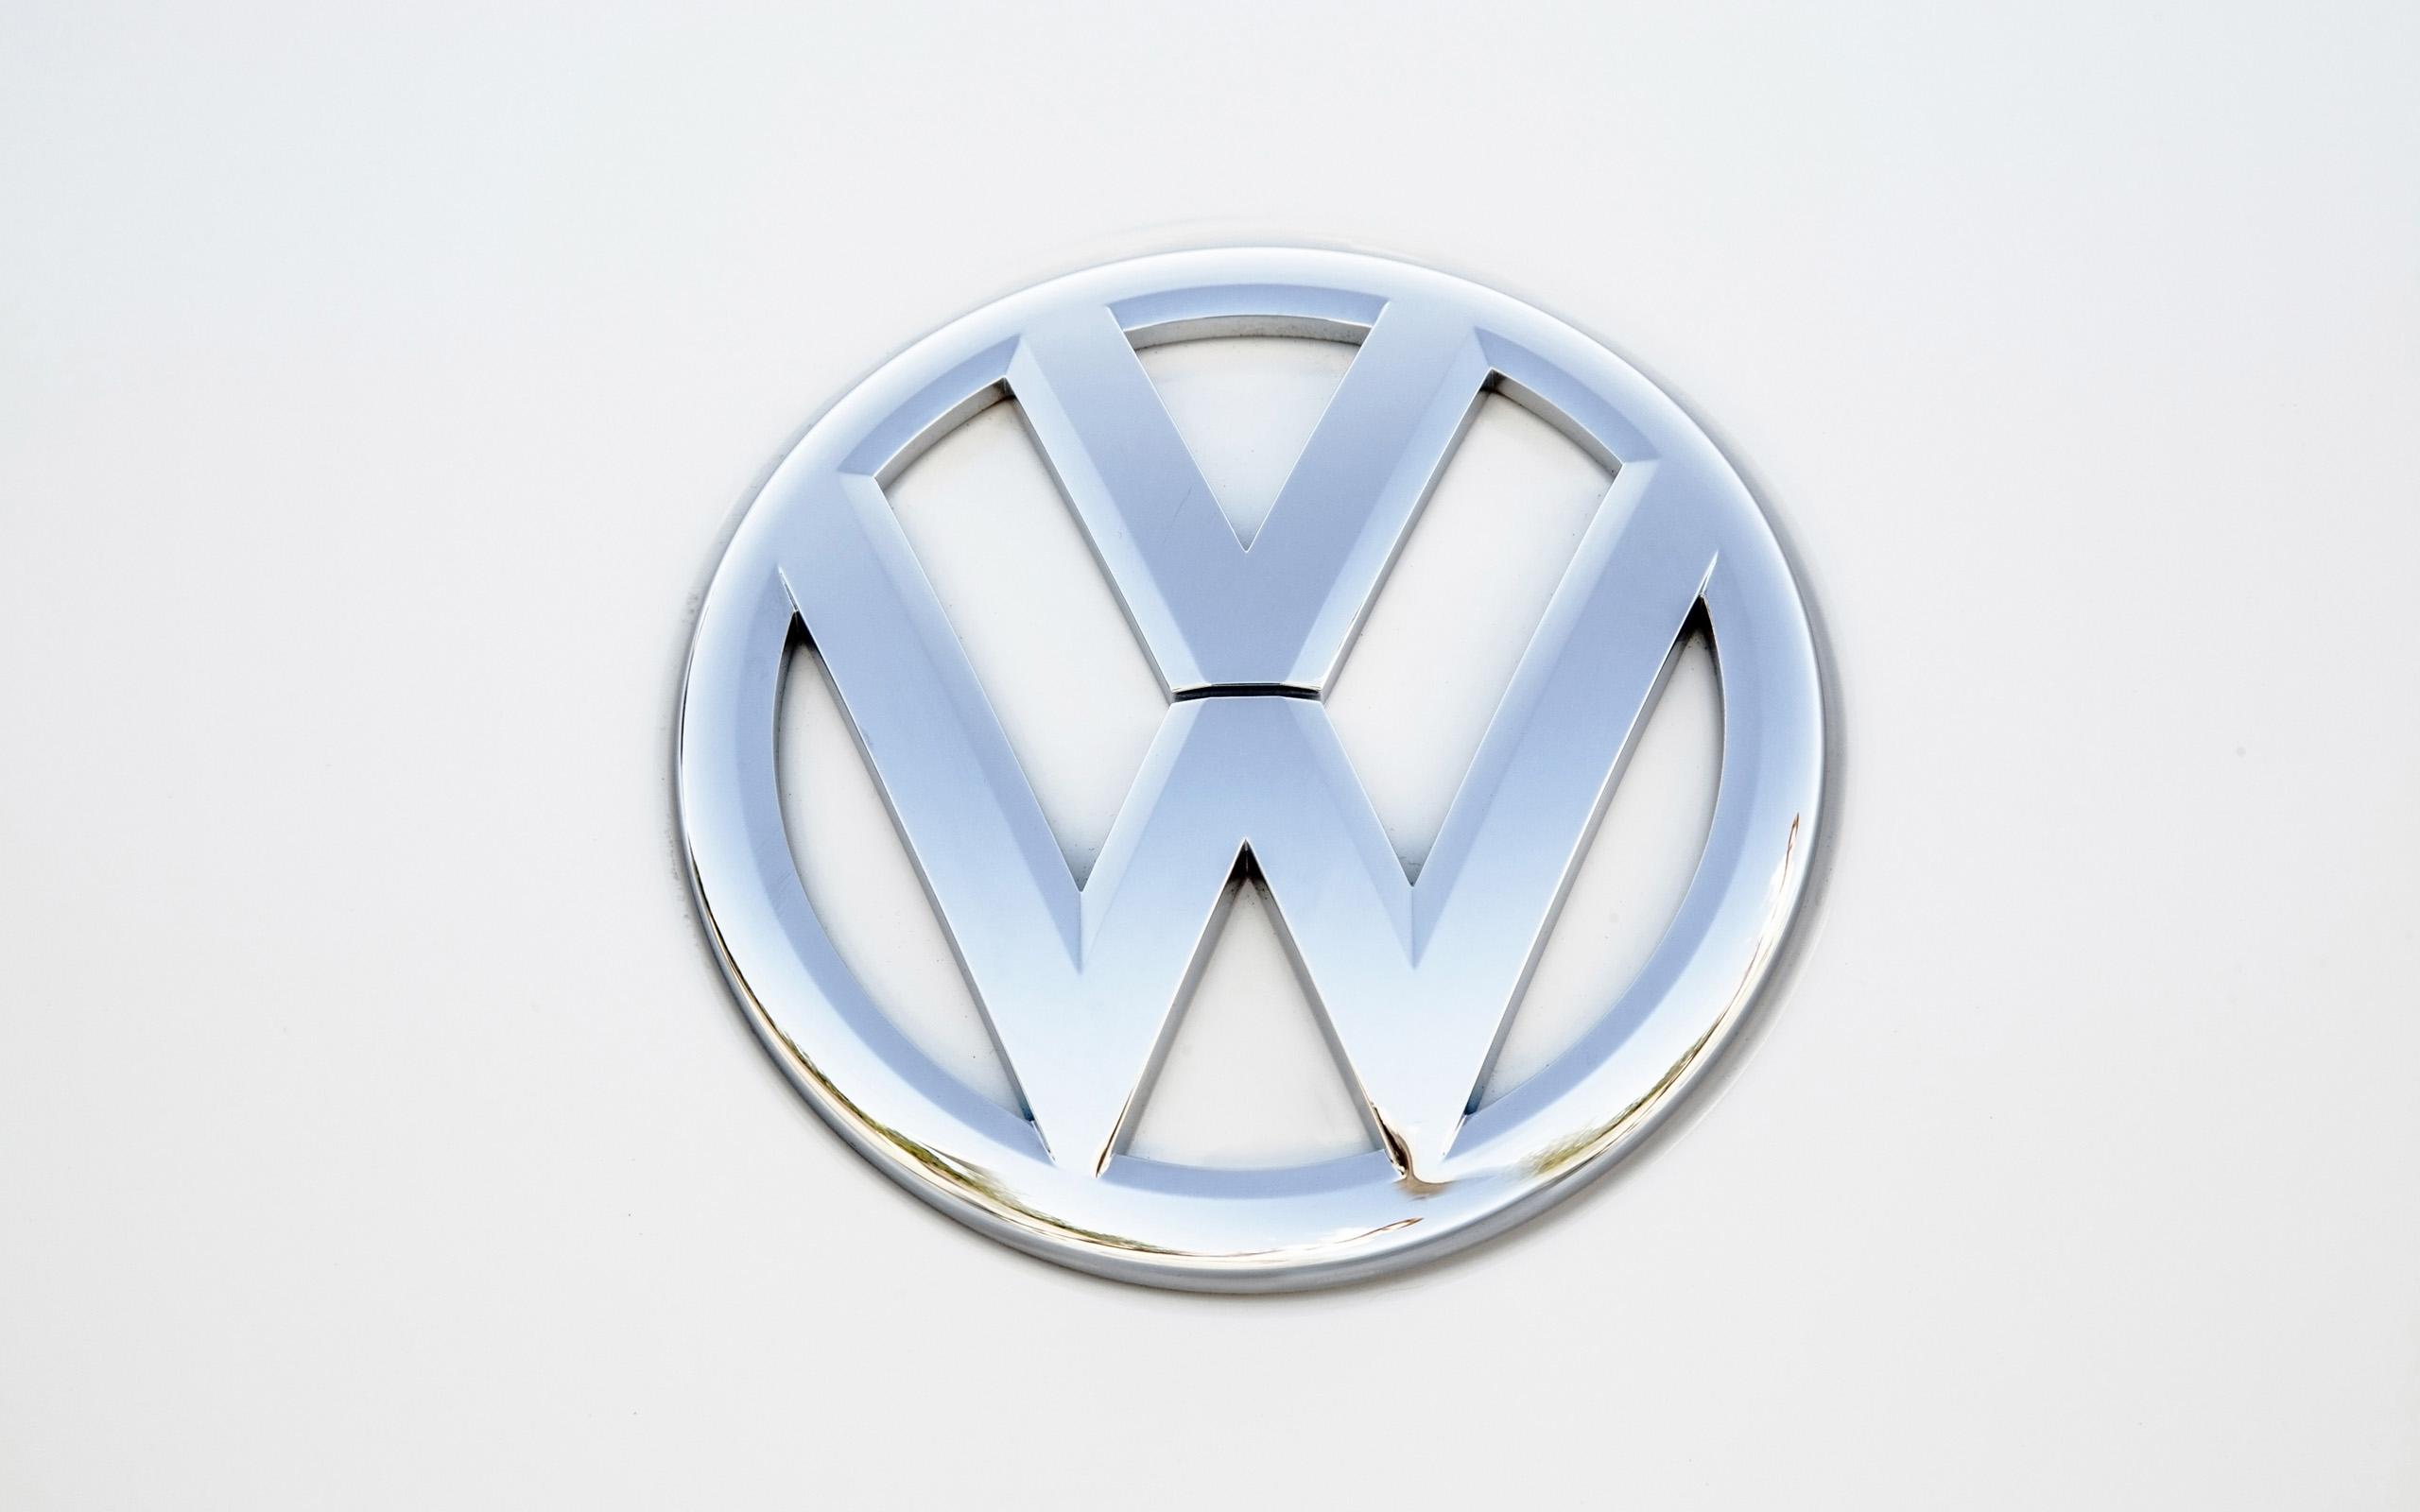 2014 Volkswagen Beetle Convertible logo poster wallpaper 2560x1600 2560x1600